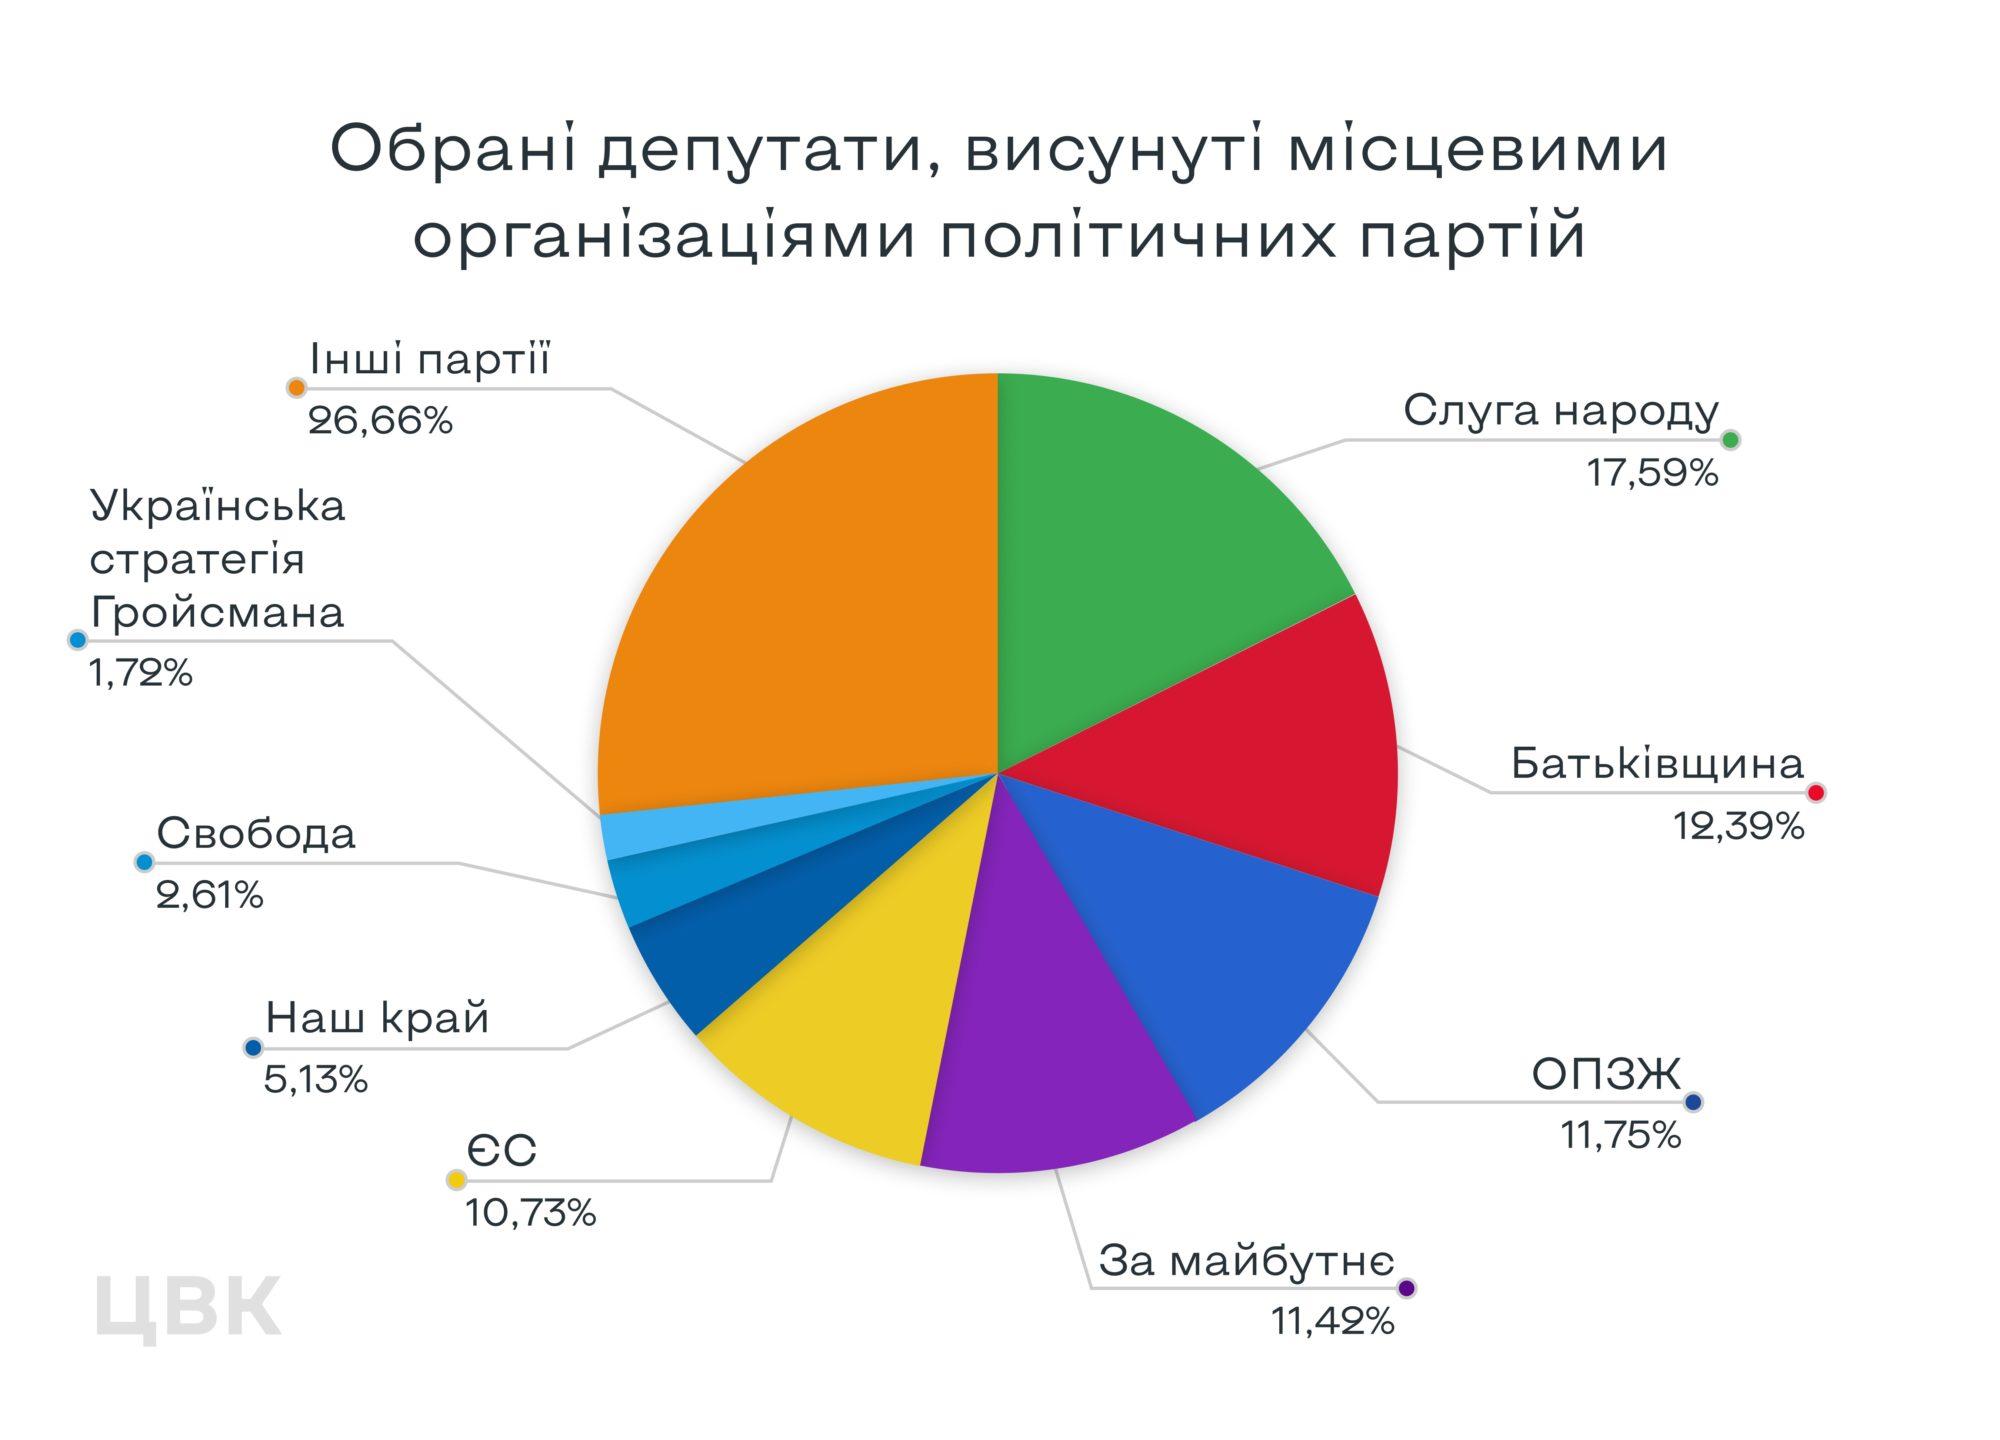 Місцеві вибори: партії й кандидати - ЦВК, місцеві вибори 2020 - TSVKGRAF2 2000x1440